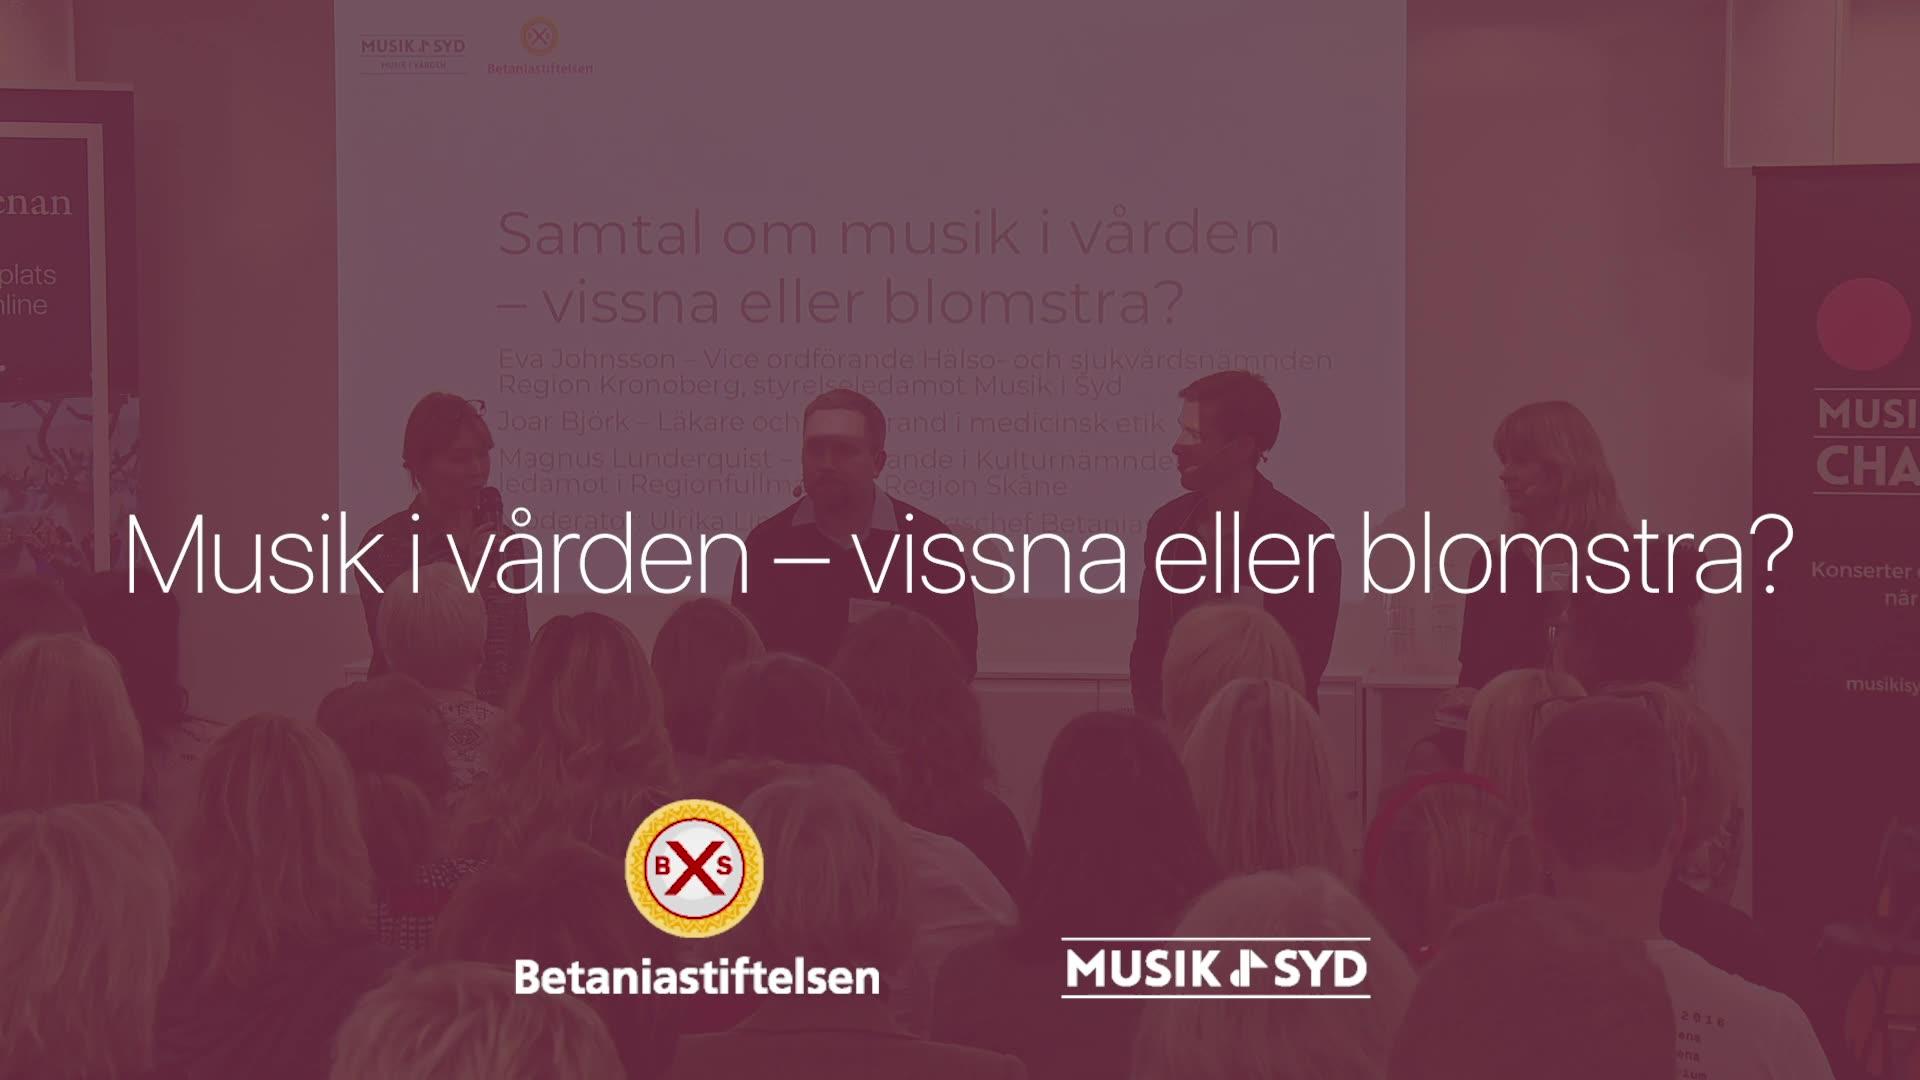 Paneldebatt Musik i vården – vissna eller blomstra?